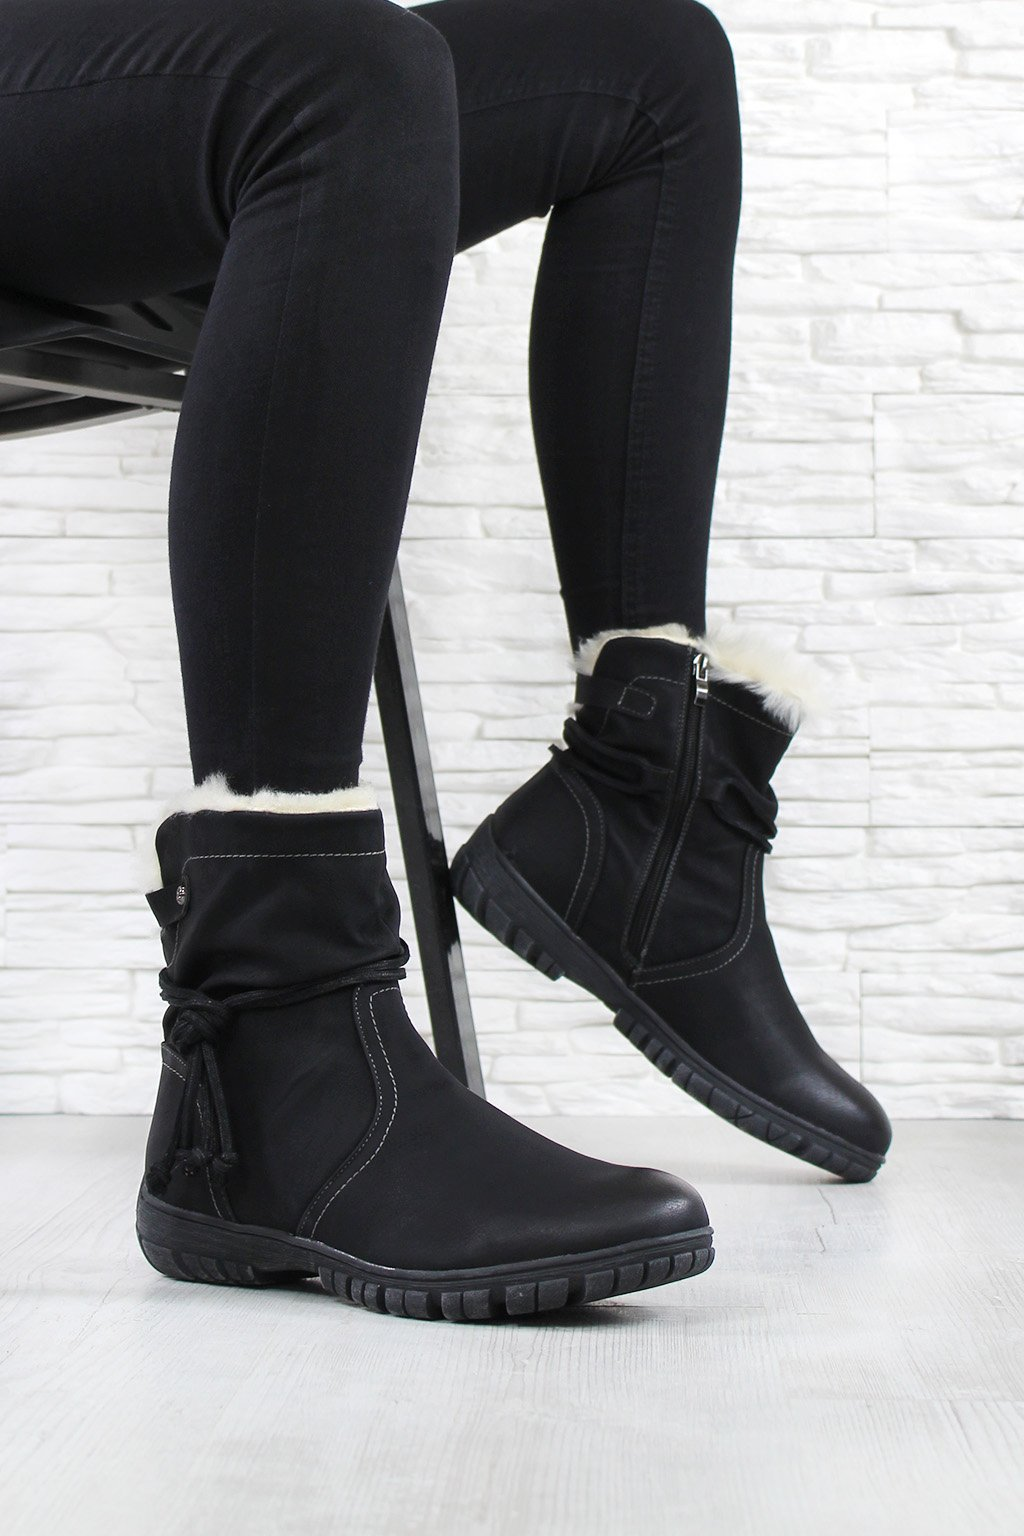 Dámské zimní boty 6605B (1)